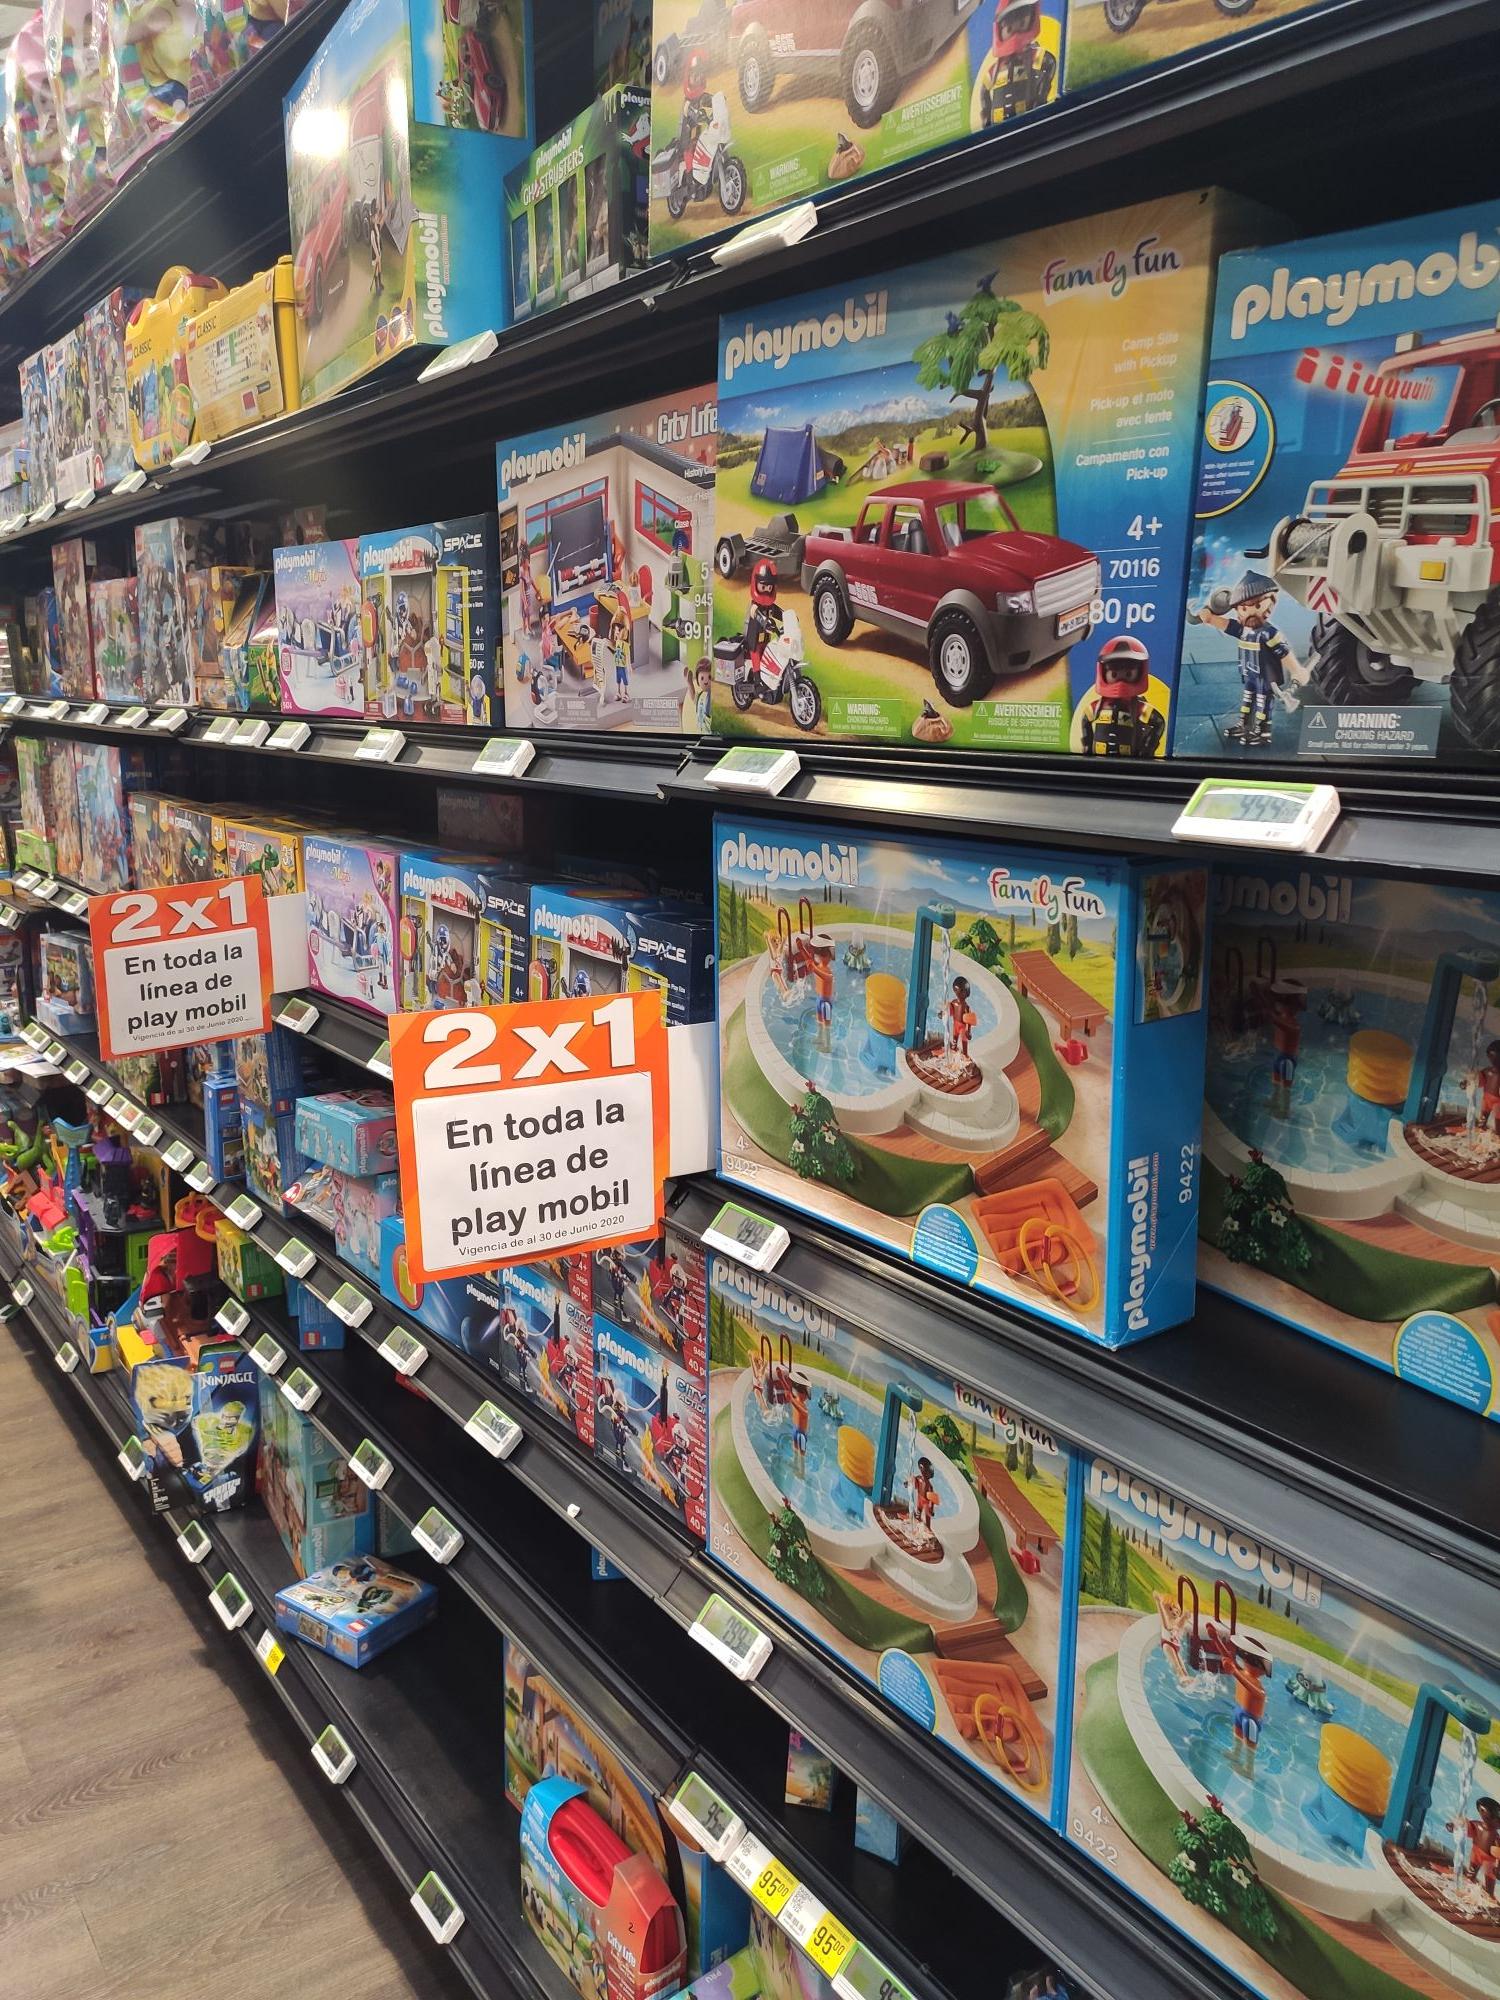 La Comer: Playmobil al 2x1